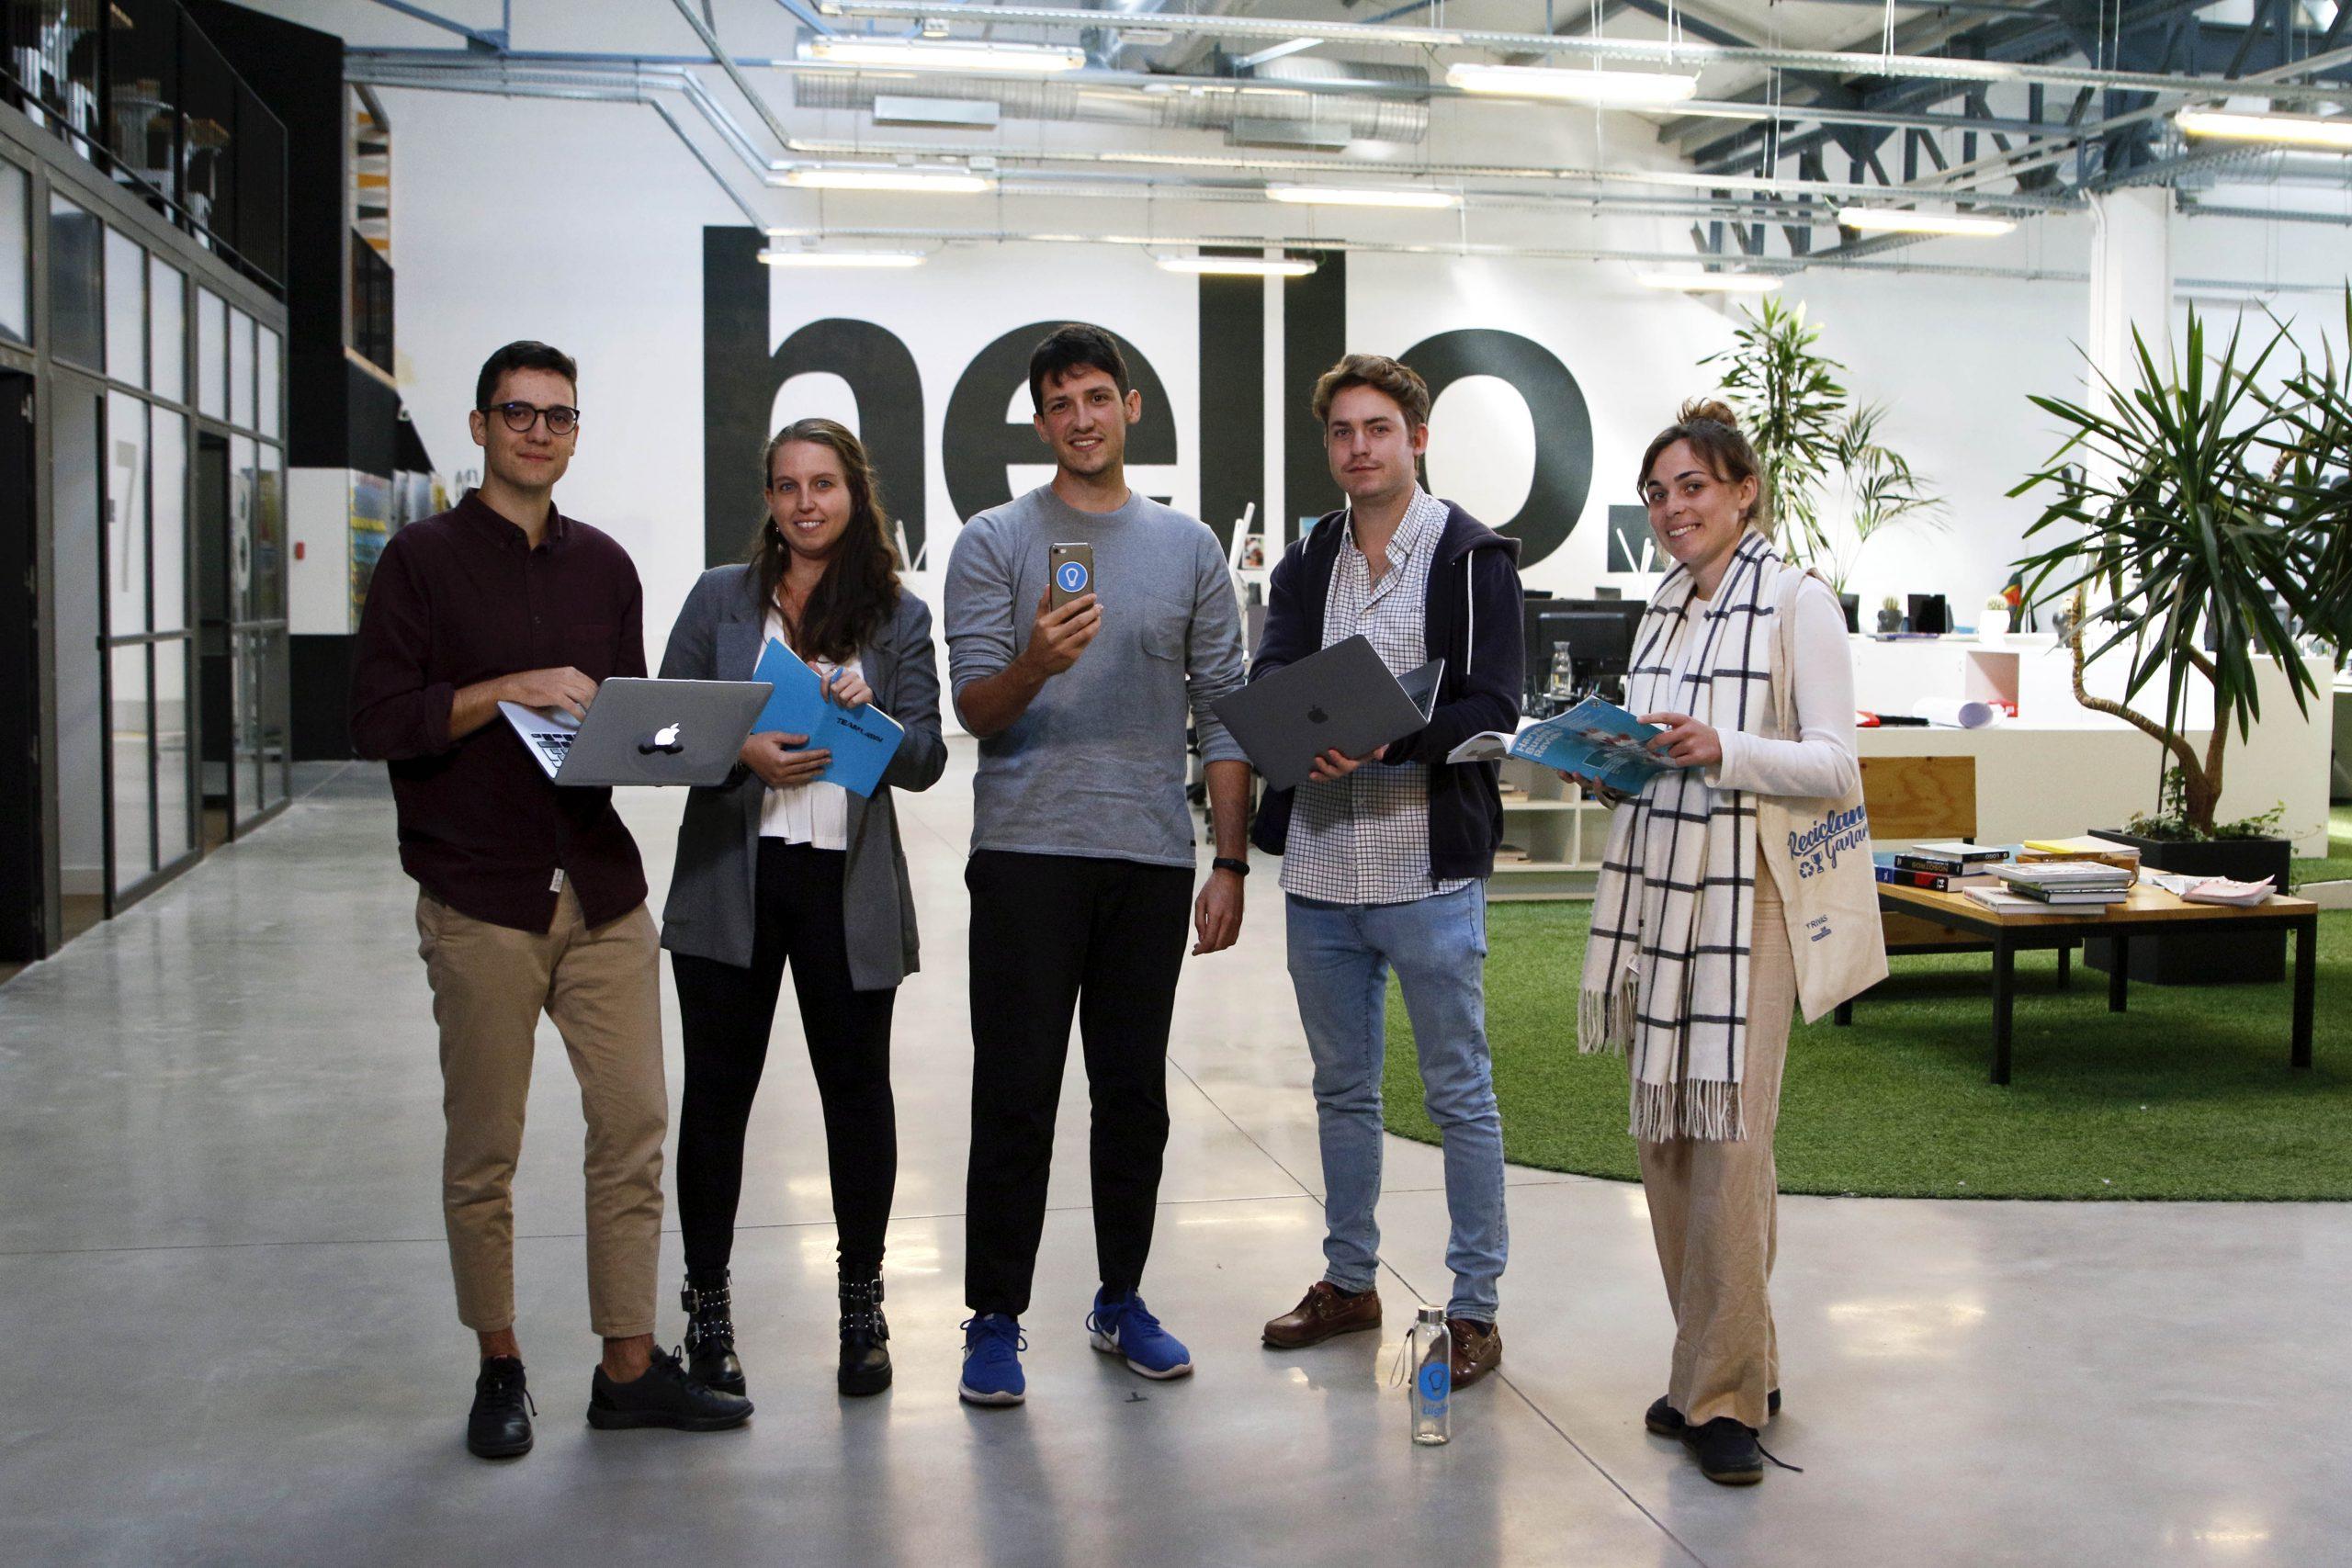 Liight es una startup con la misión de motivar a las personas a ser más sostenibles en su día a día. A través de mecánicas de gamificación, sistemas de smart city y el uso de inteligencia artificial incentiva acciones como el uso del transporte público, la bicicleta o el reciclaje.